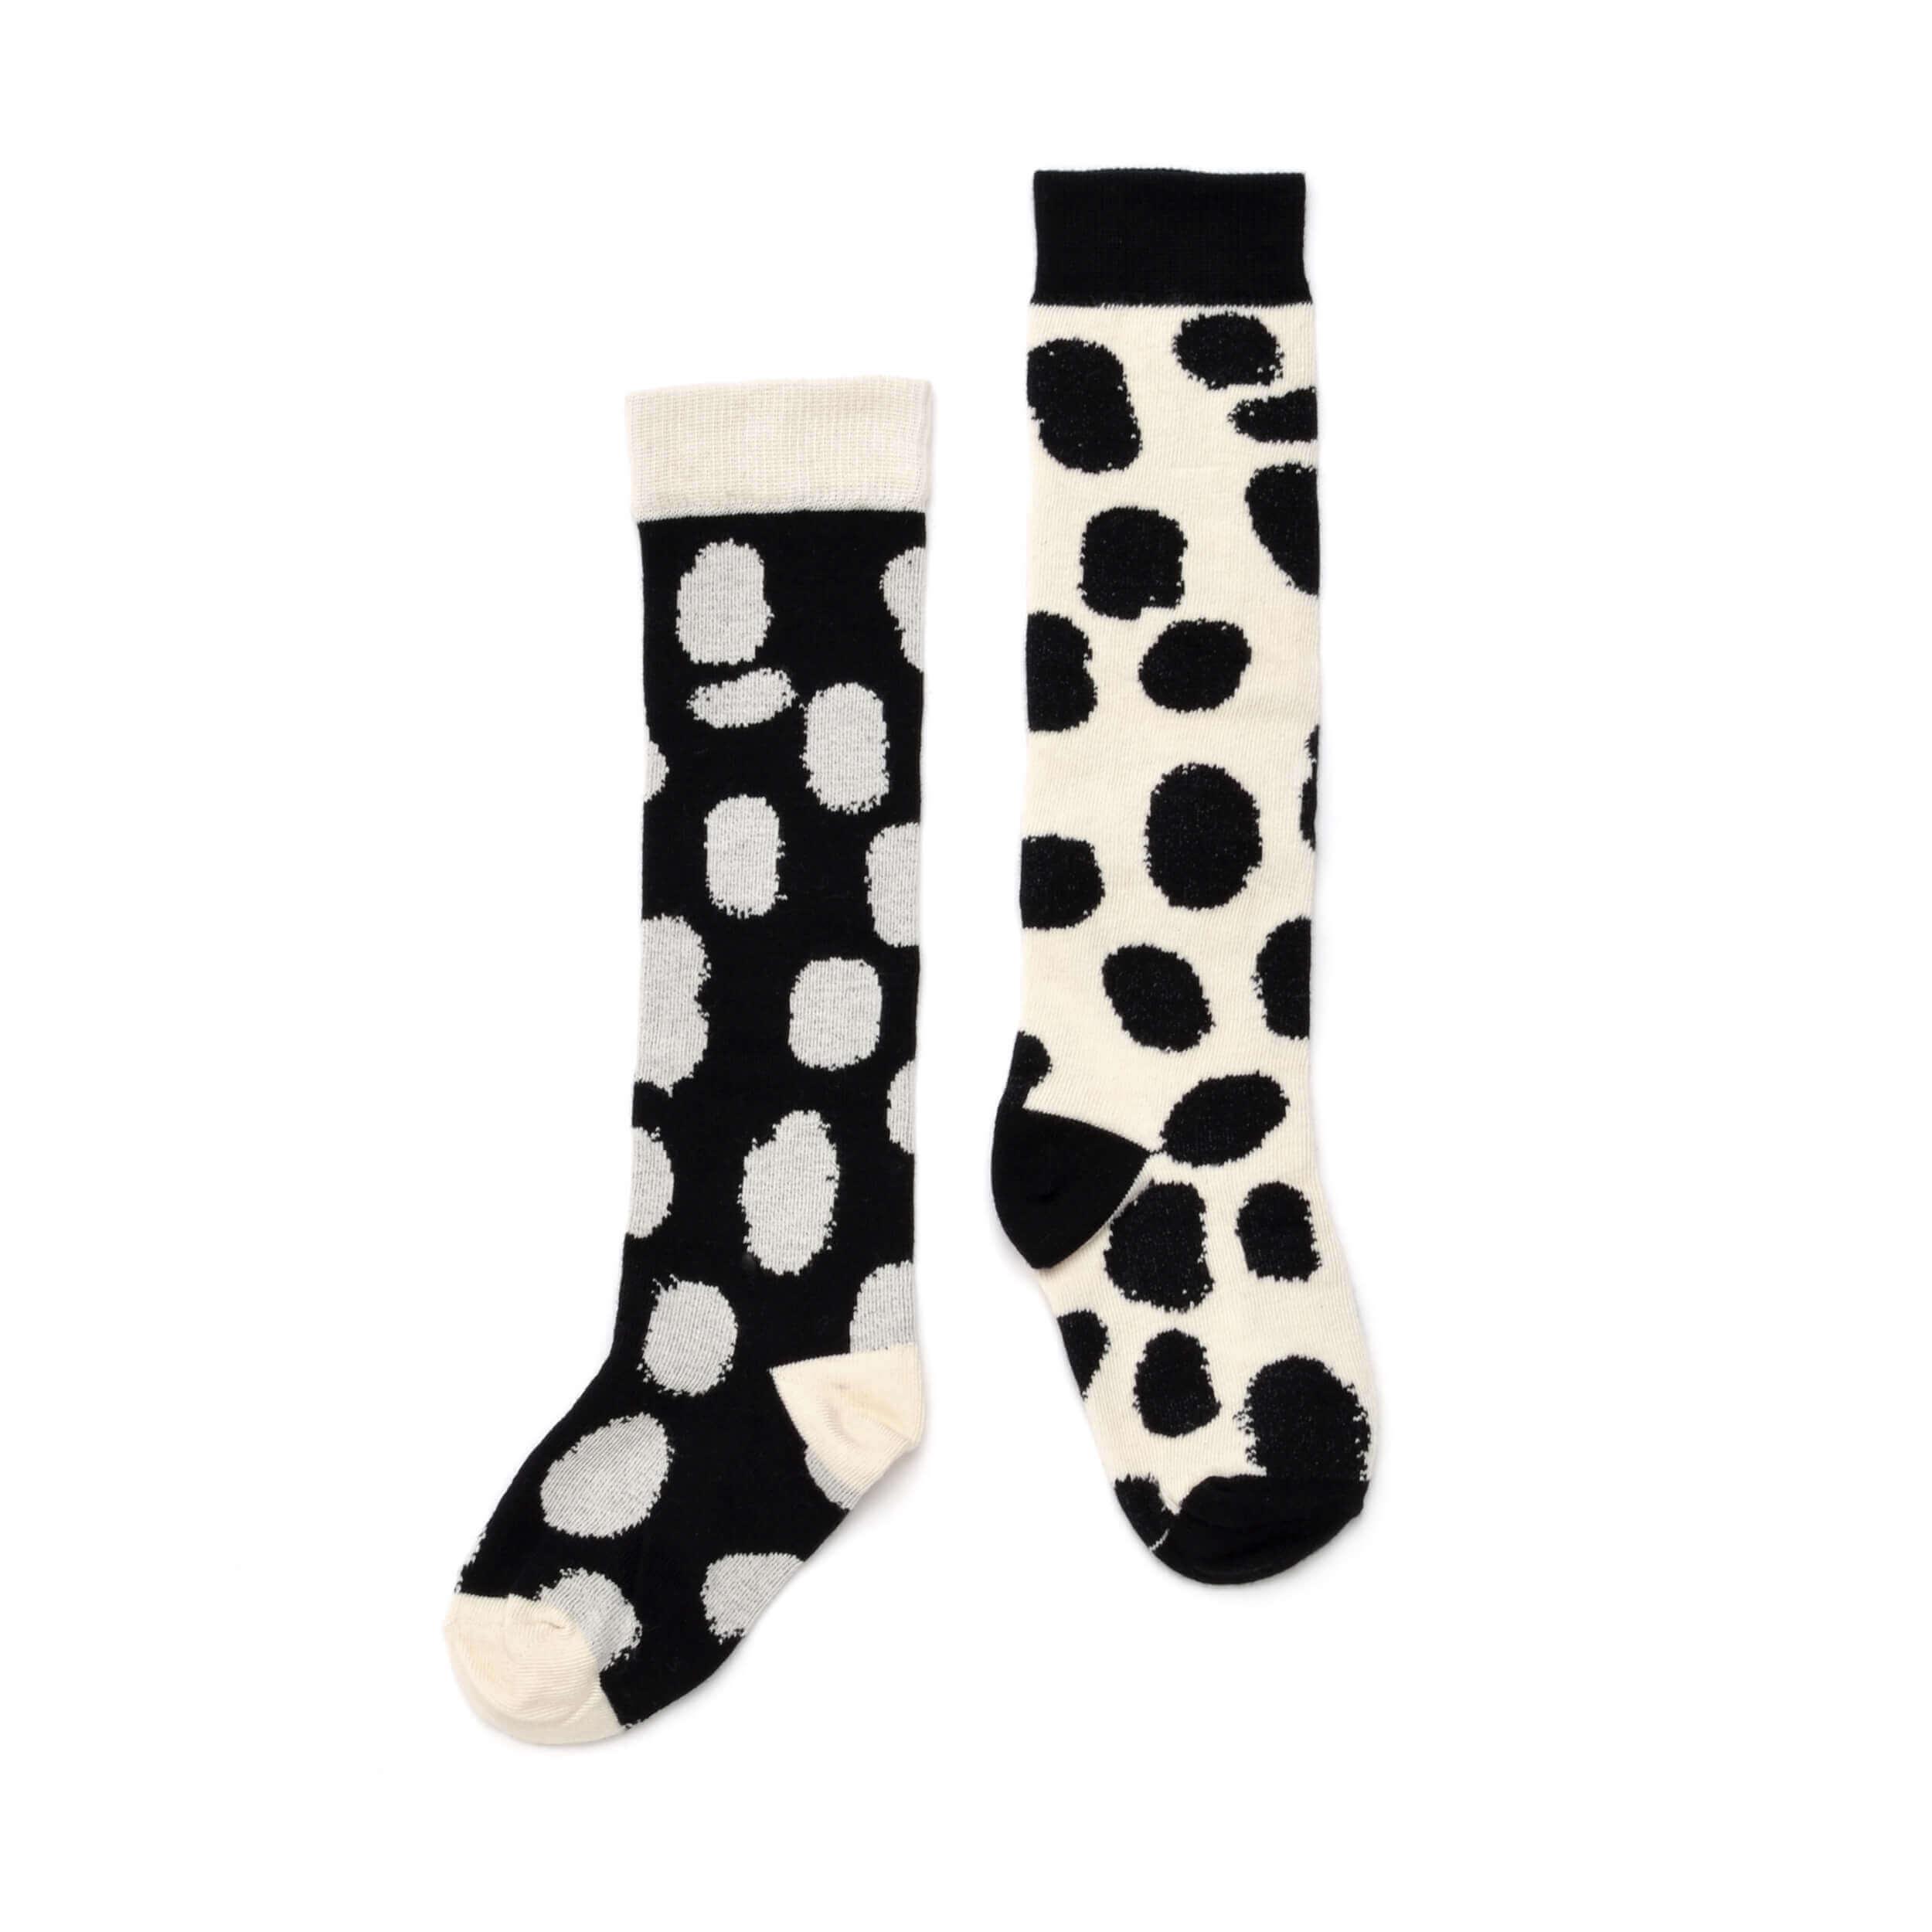 unisex kids socks